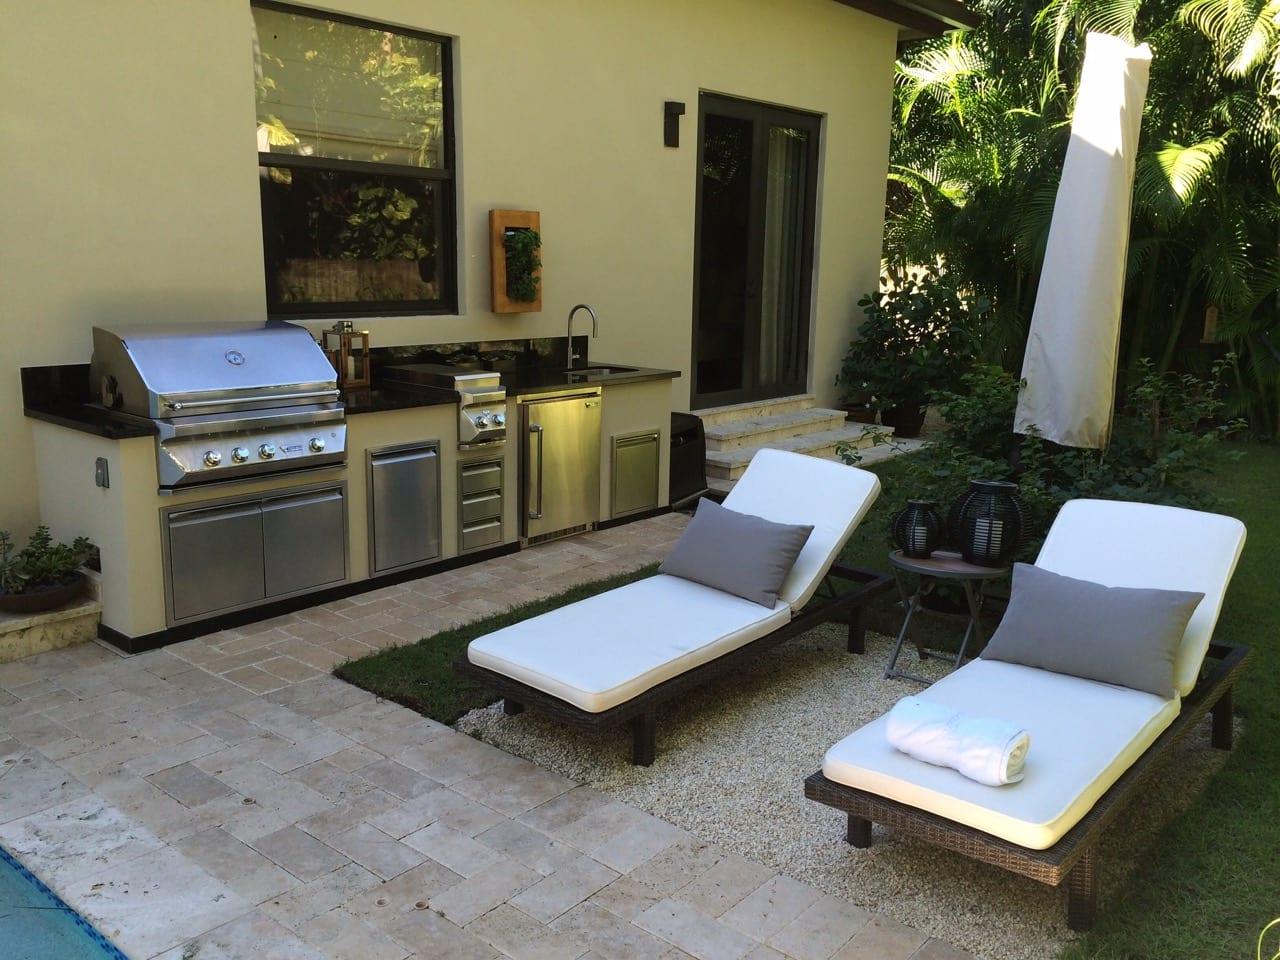 Outdoor kitchen appliances home design ideas - Outdoor kitchen appliances ...